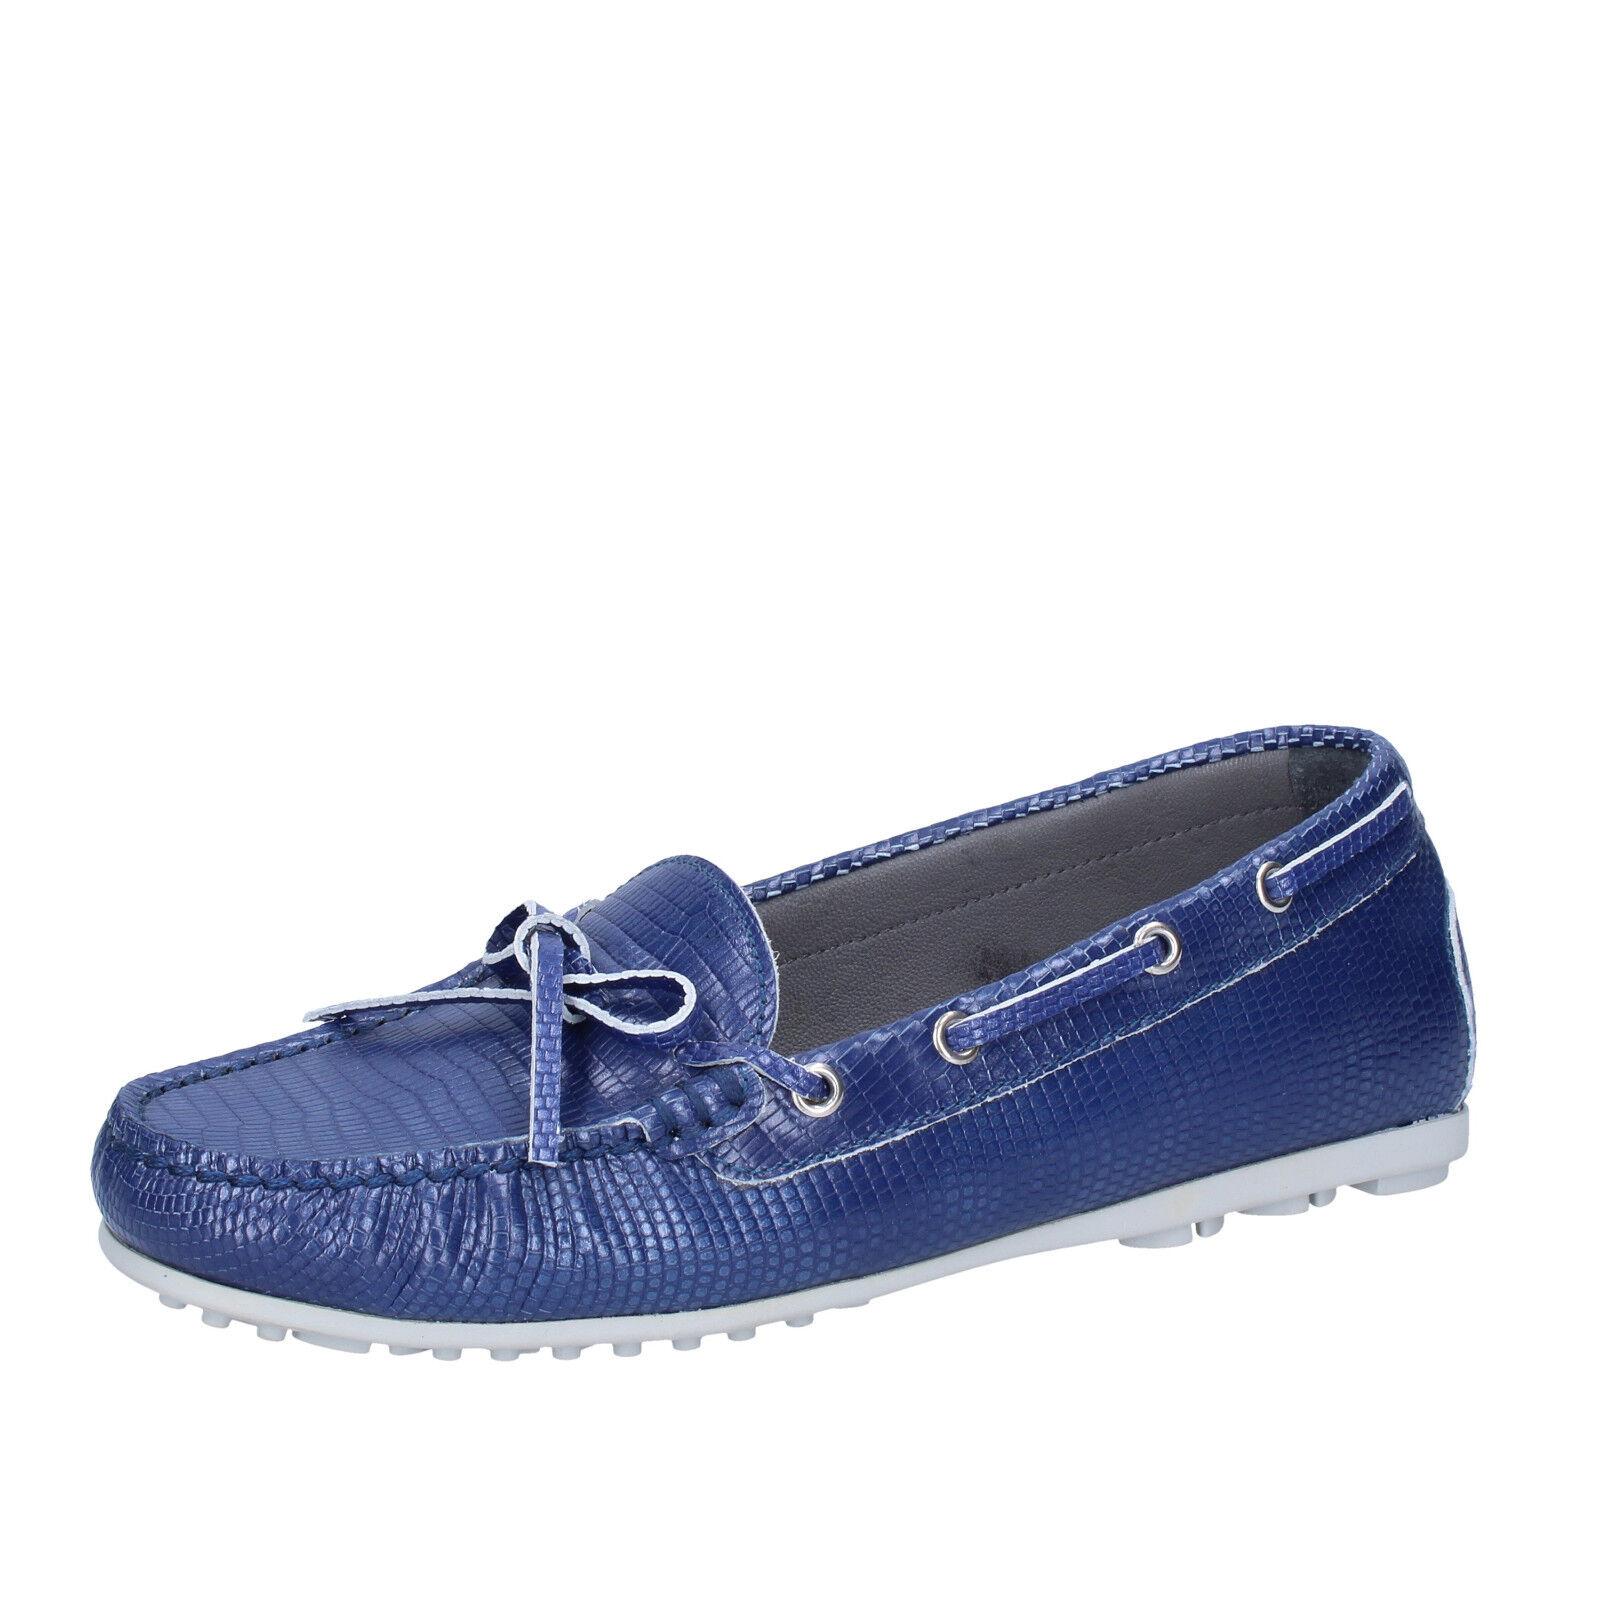 Chaussures Pointure K852 & fils 4 (UE 37) à enfiler en cuir bleu BT933-37